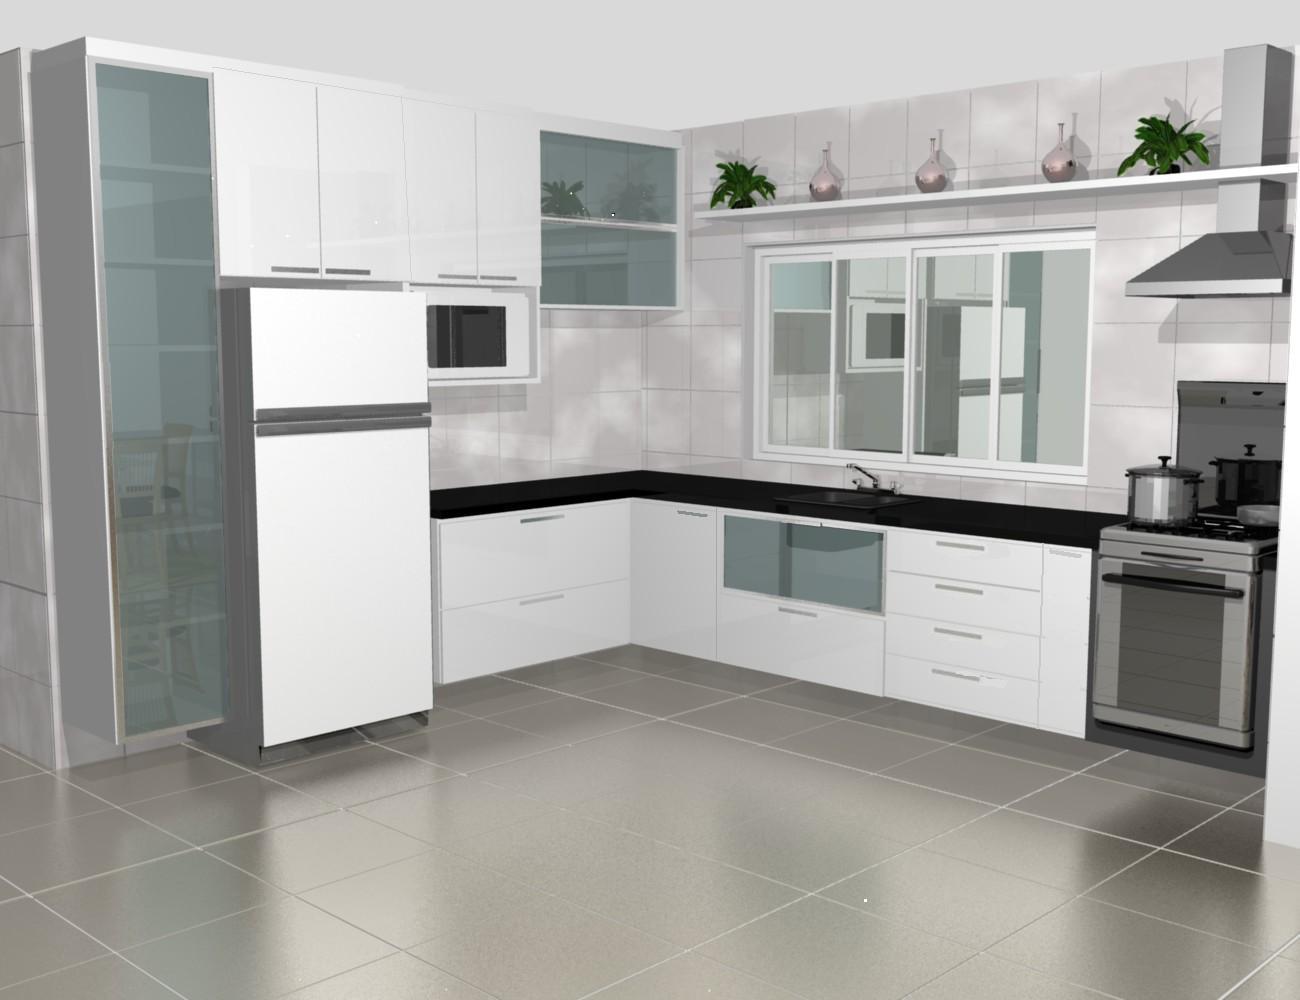 Pendentes Para Cozinha Iluminação Cozinha und Projeto De Cozinha #4A5B42 1300 1000